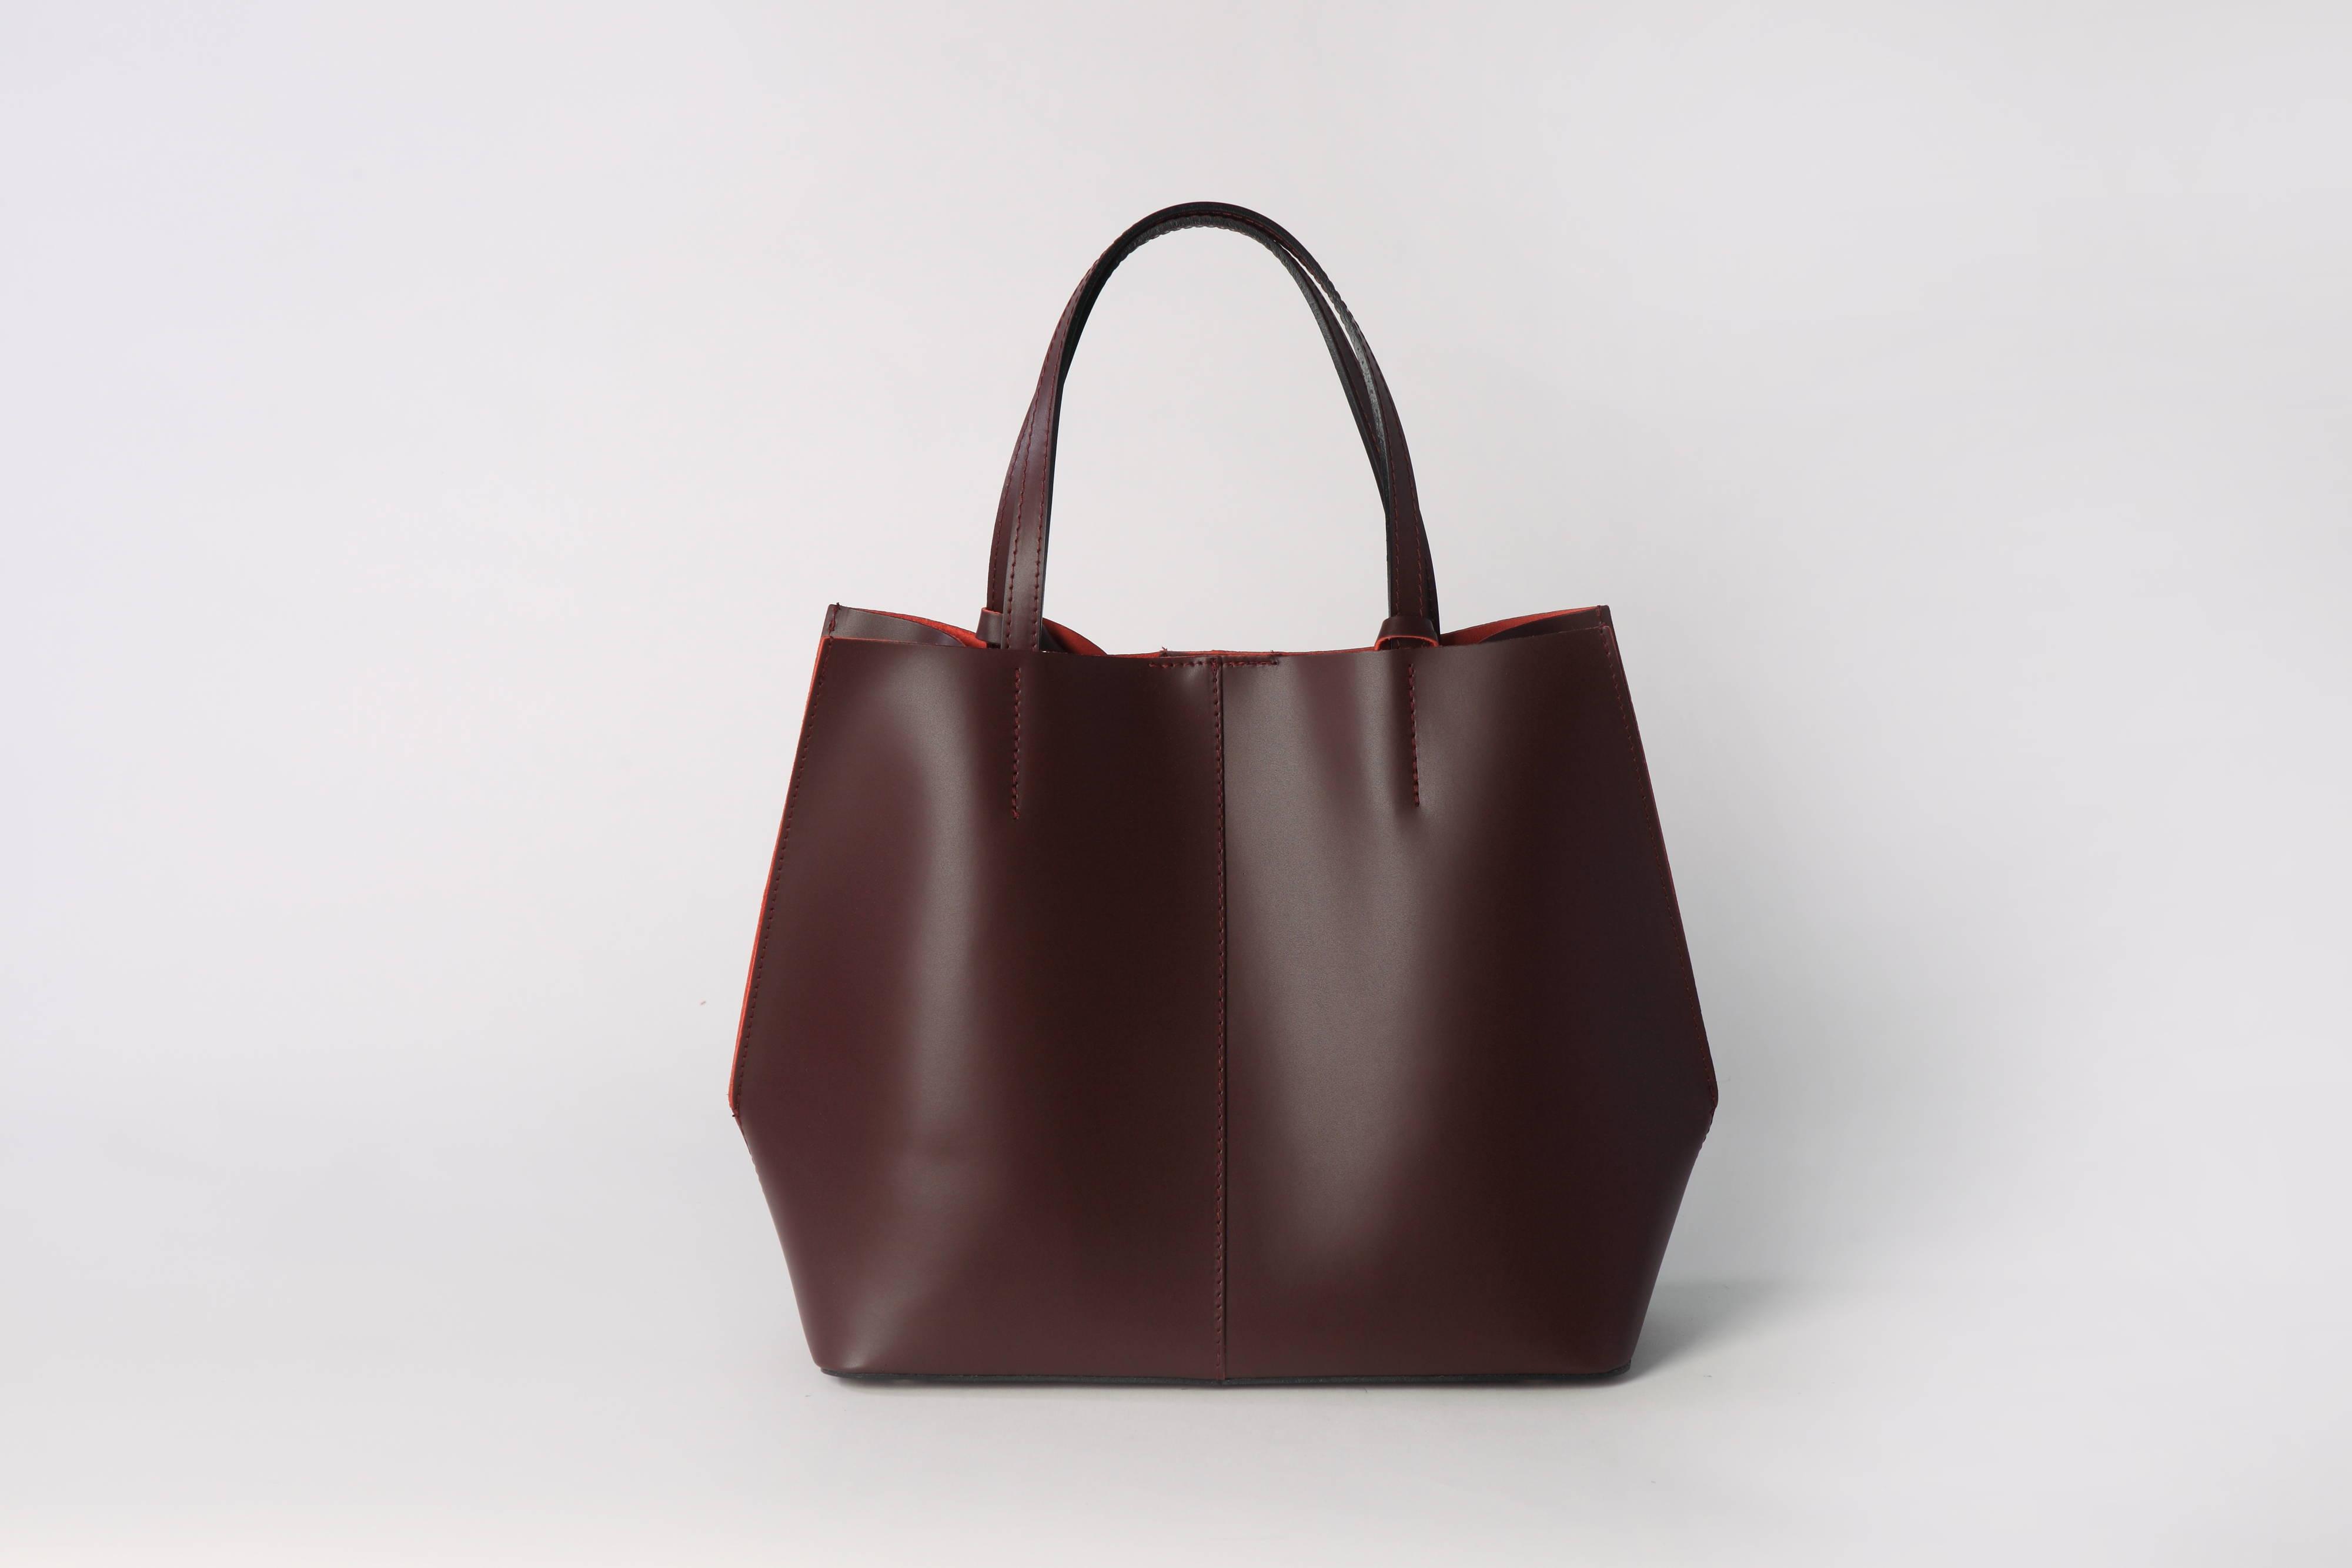 5c6e61b38787 Элегантная женская кожаная сумка винного оттенка - доставка 7/10 дней из  Италии